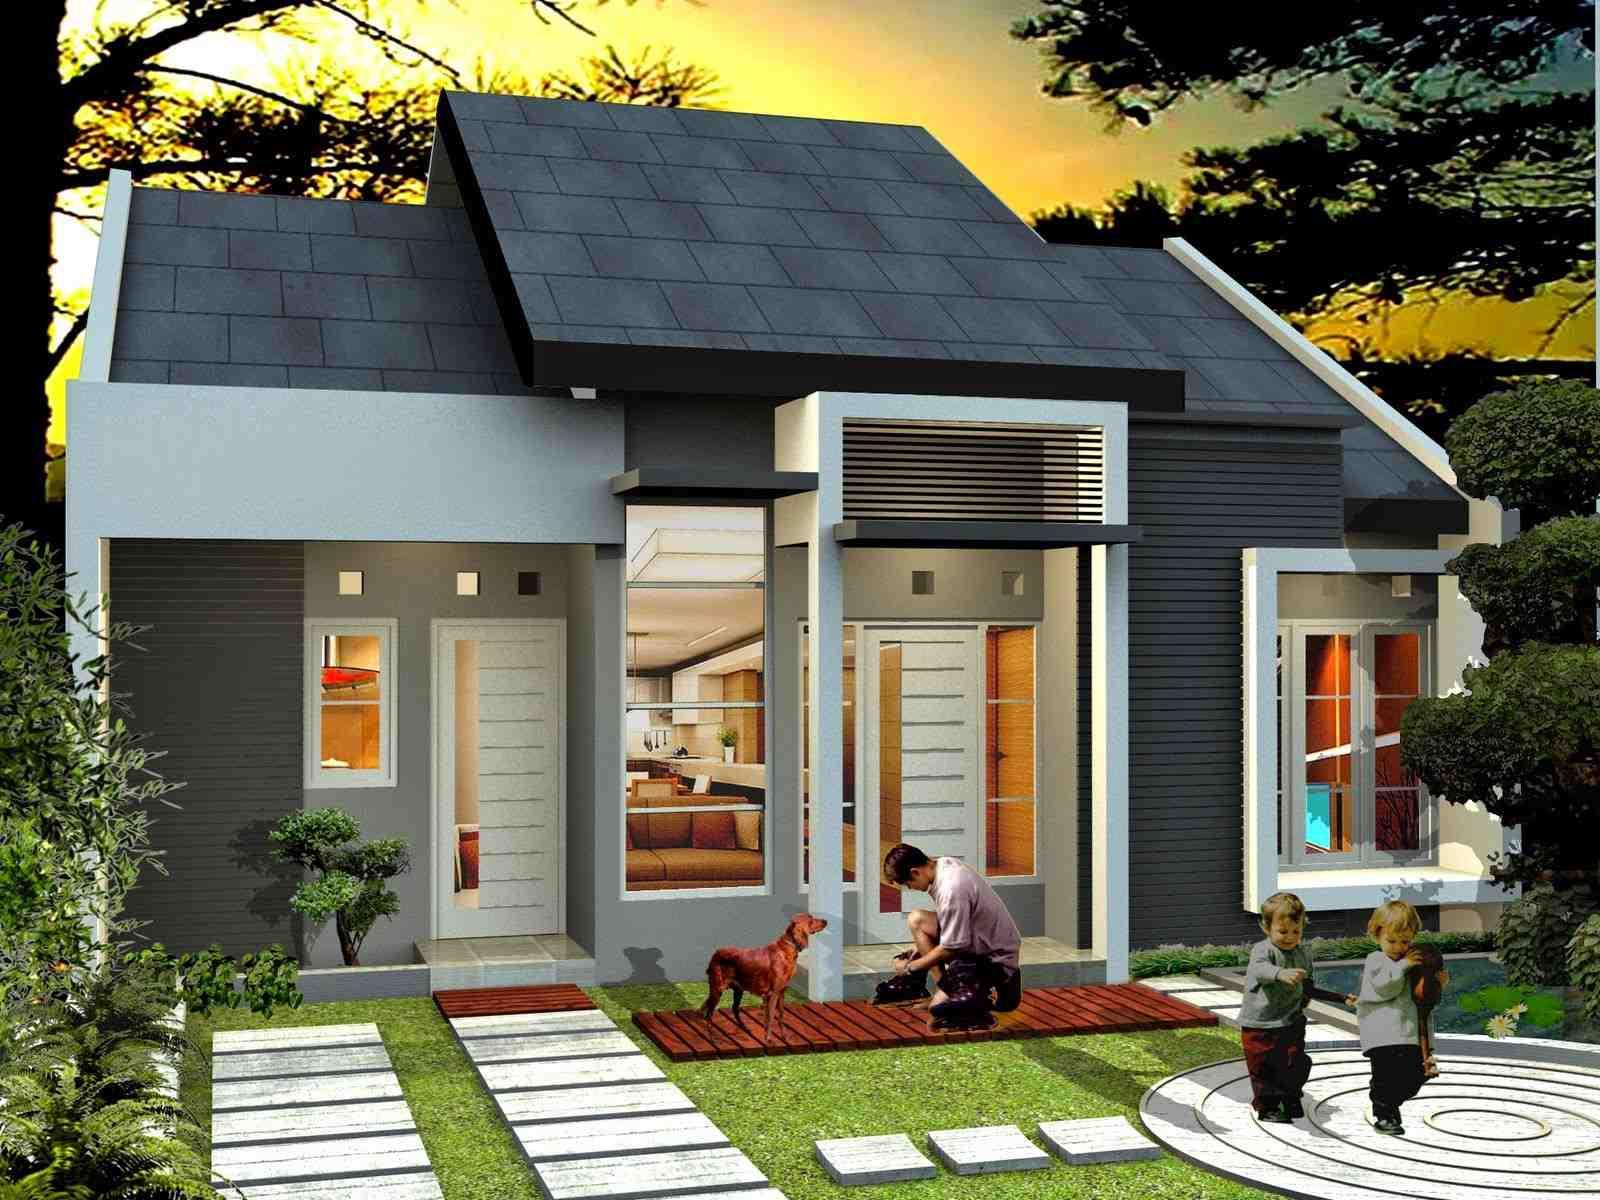 Desain Rumah Minimalis Sederhana Unik